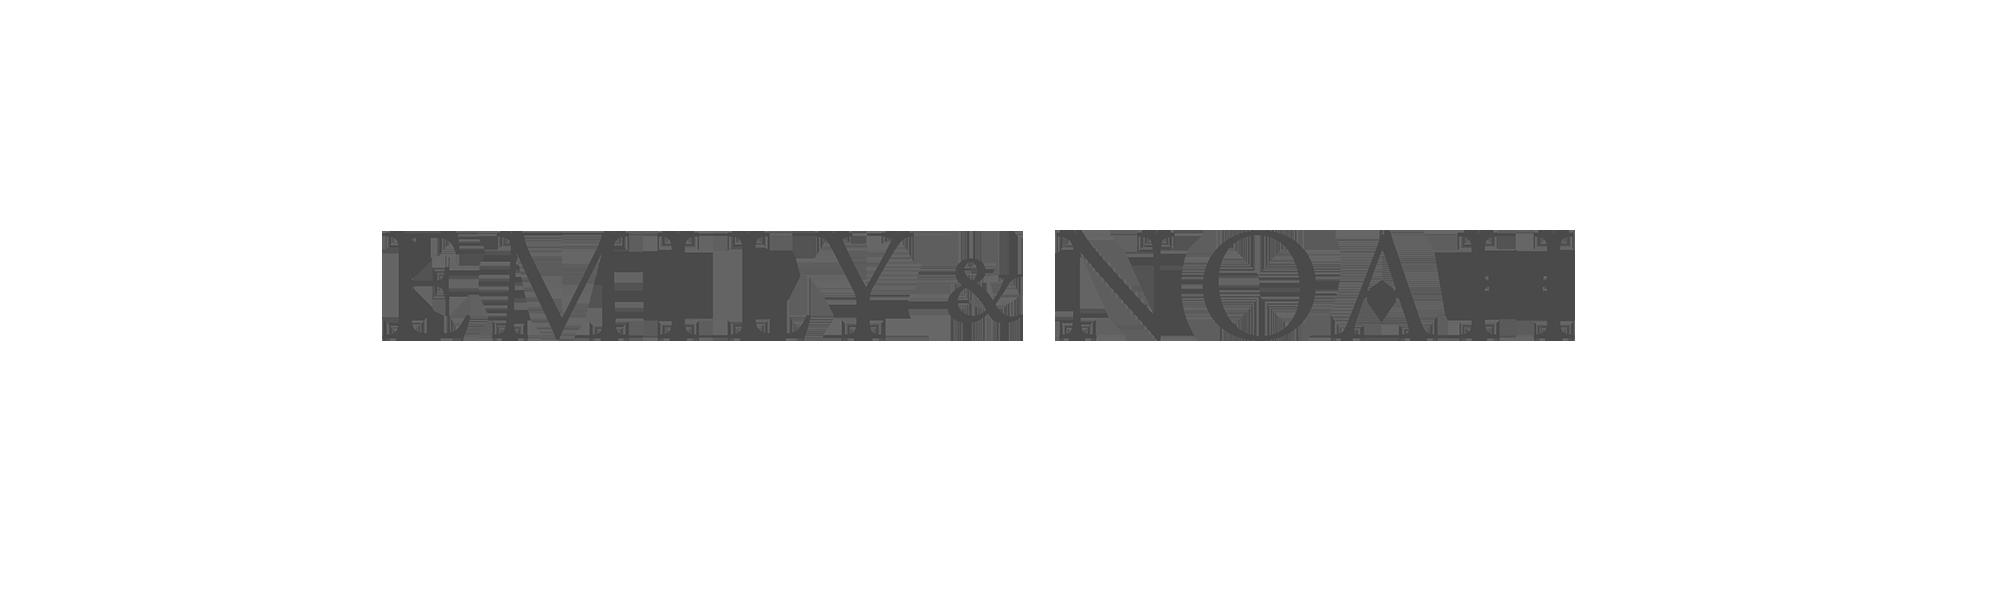 Spitzenstil Räumungspreis genießen heiß-verkauf echt EMILY & NOAH Handtaschen jetzt online reservieren und vor ...